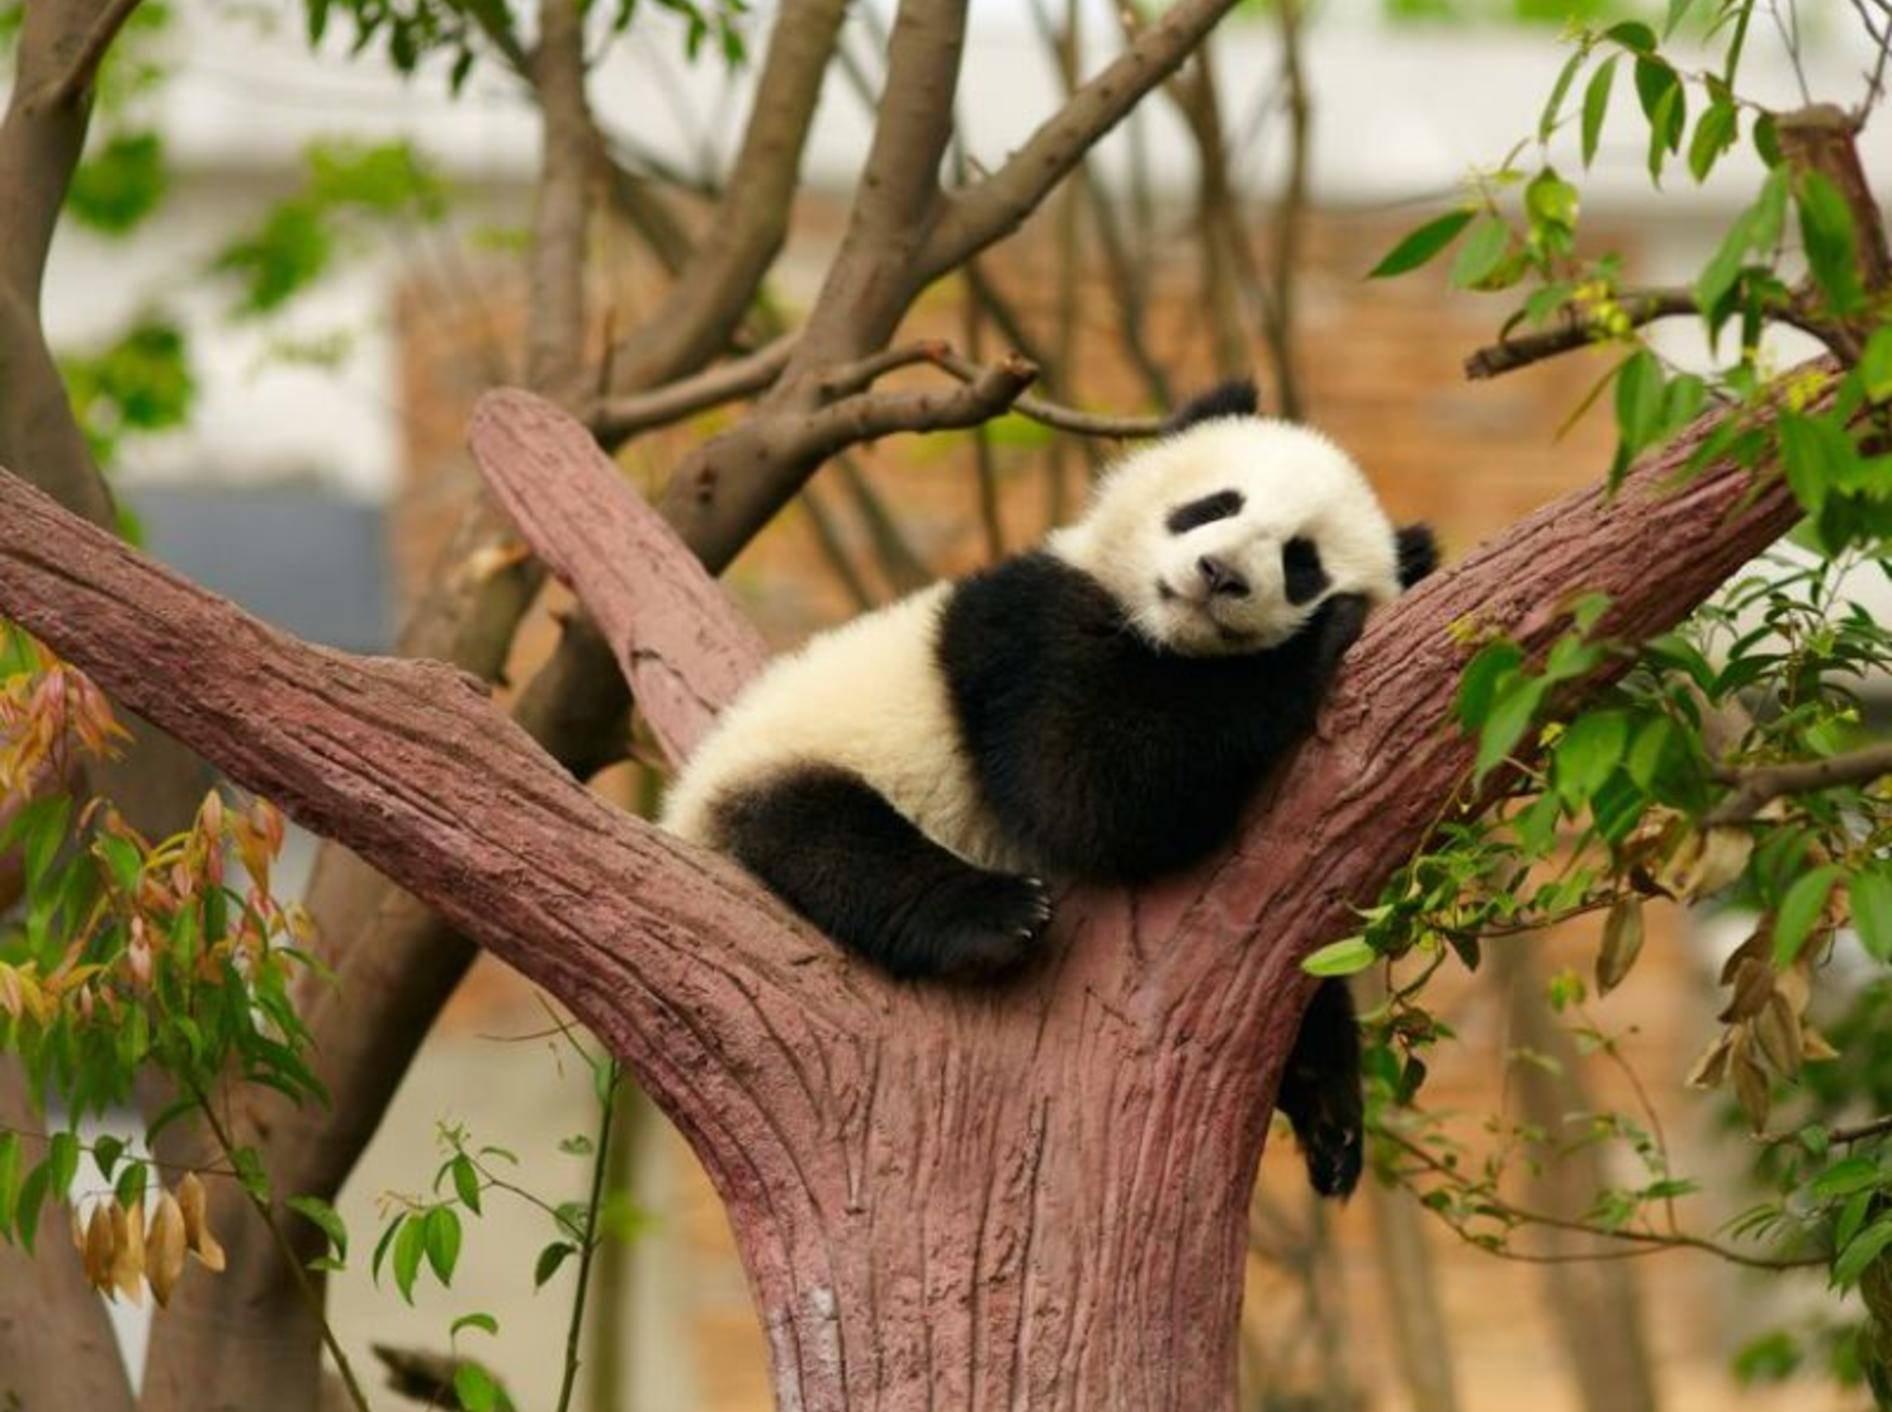 Panda-Baby-Schlafend-Baum